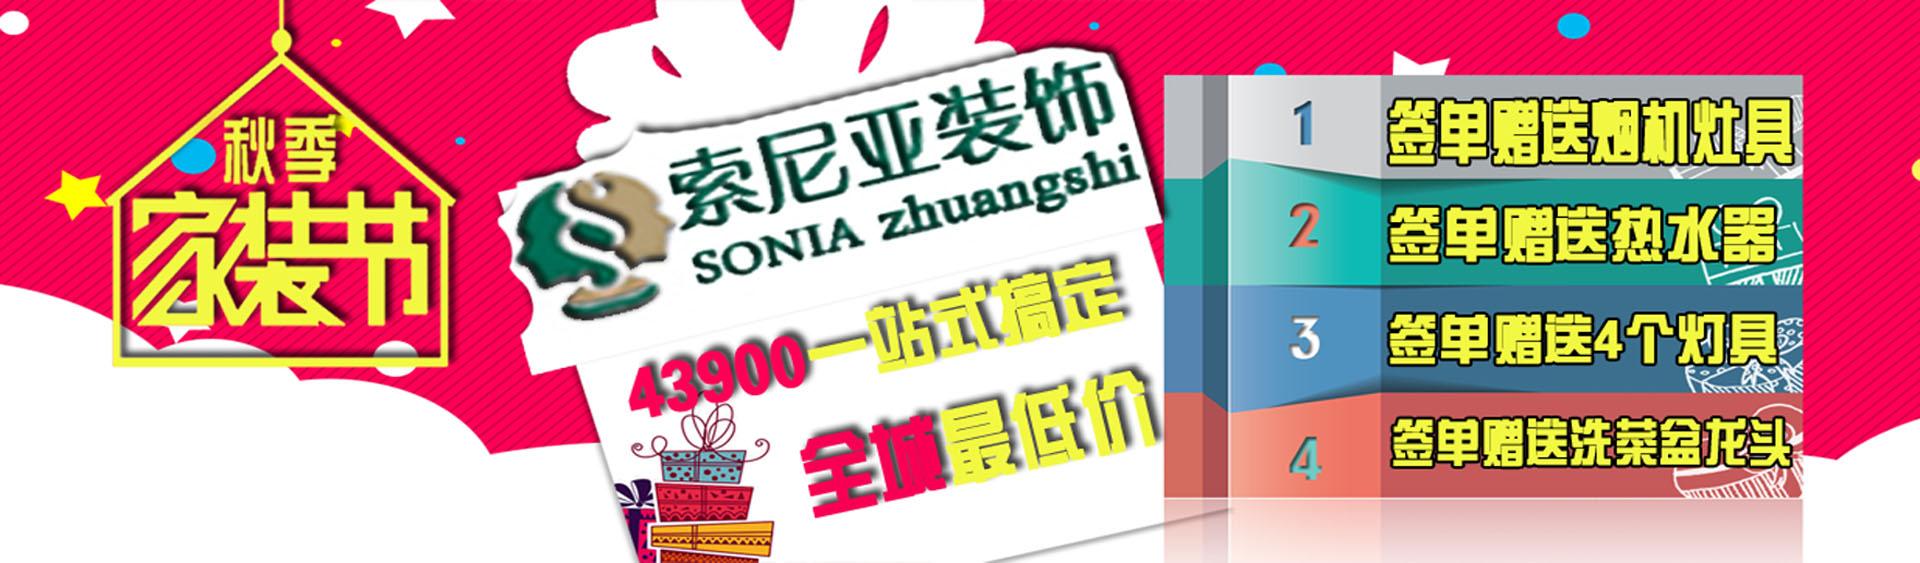 长春索尼亚装饰,索尼亚集成家居,43900签单送烟机灶具,热水器,好礼送不停!